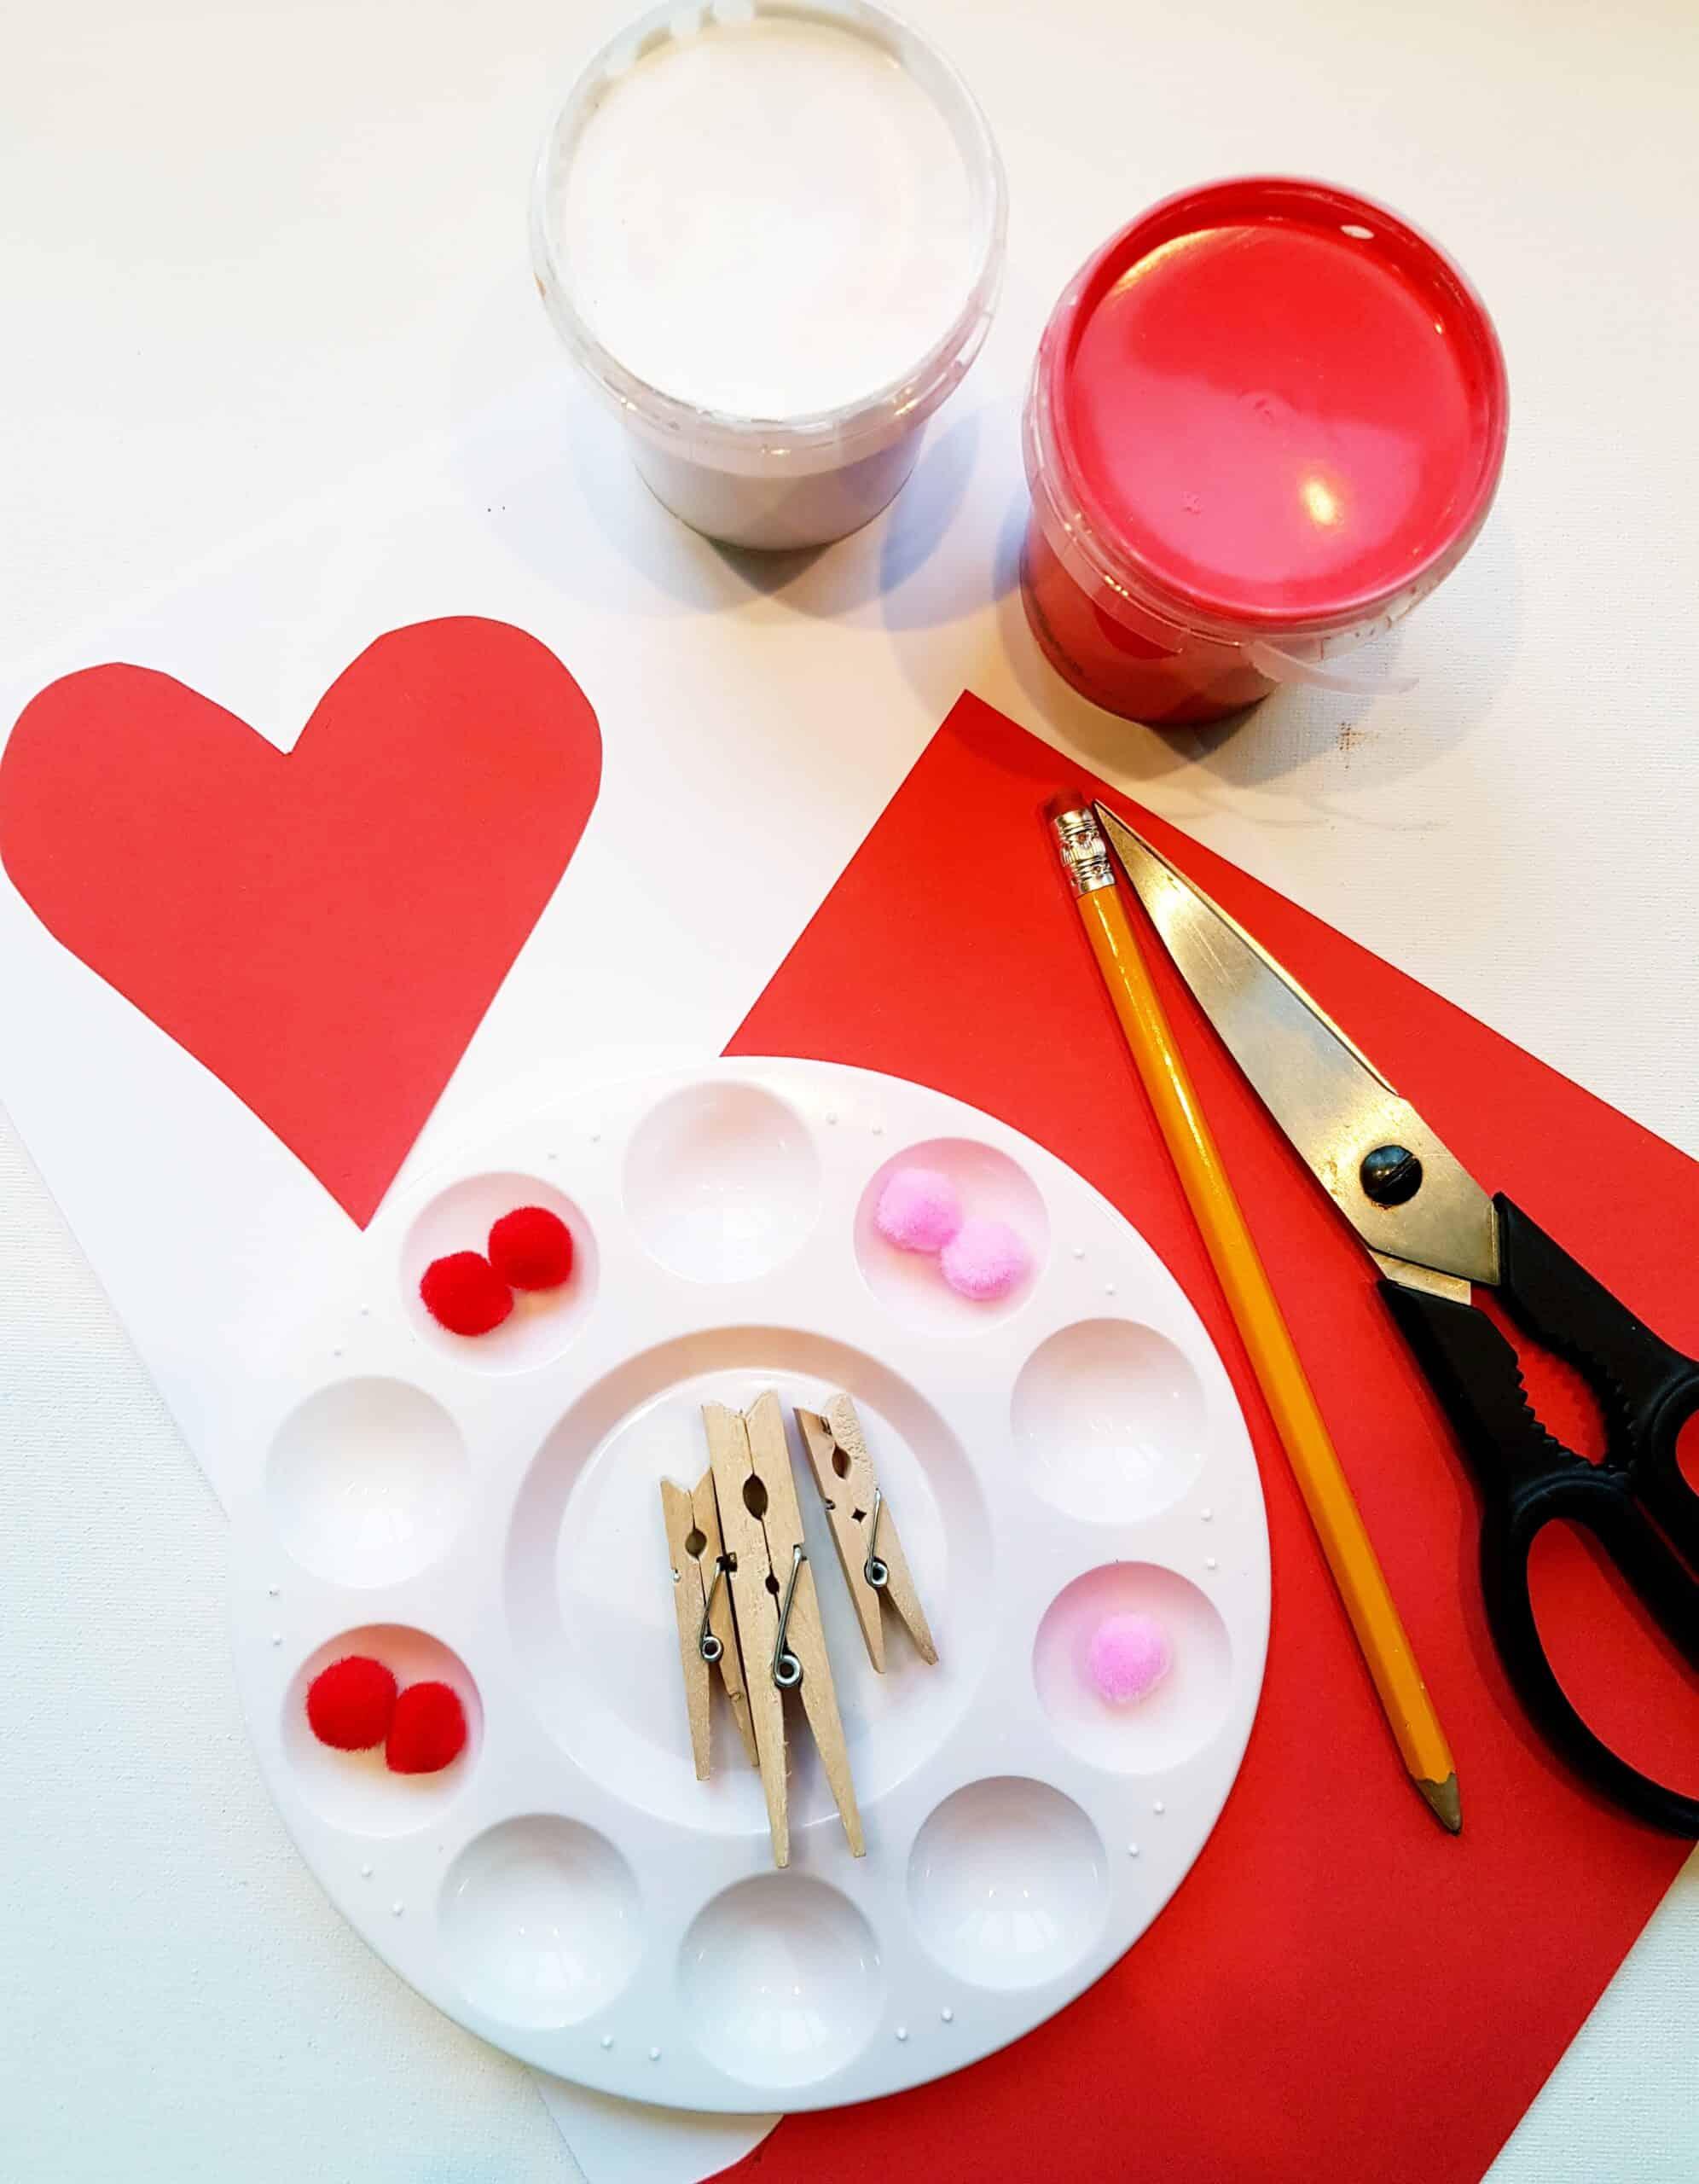 supplies for pom-pom heart art